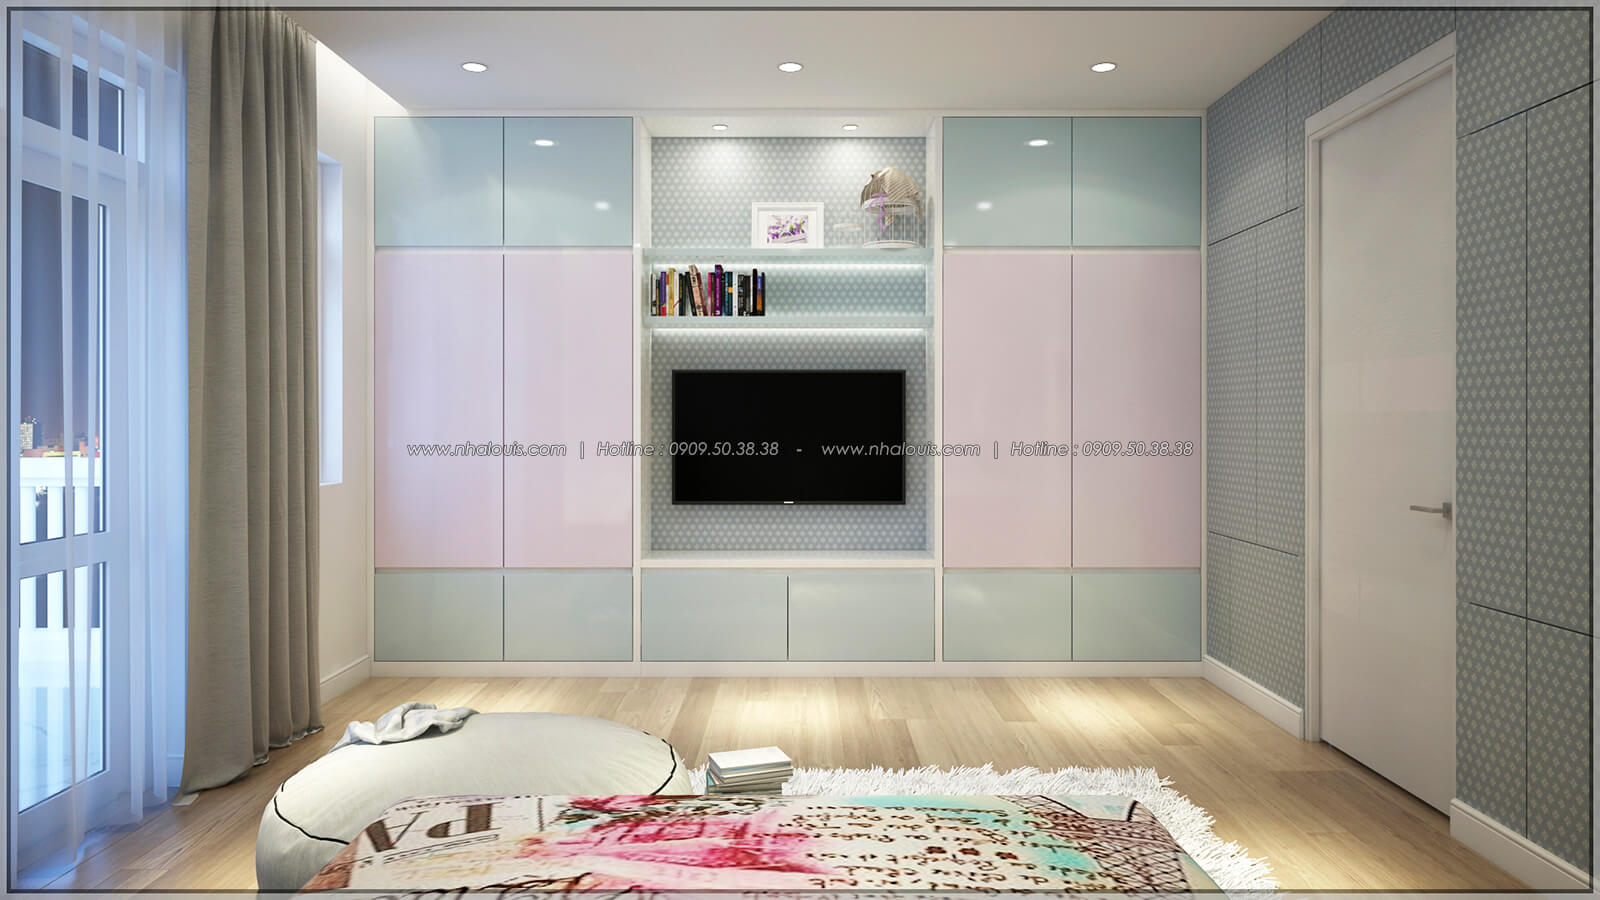 Phòng ngủ Thiết kế nhà phố kiểu Pháp với mặt tiền 6m hoành tráng tại Bình Tân - 25